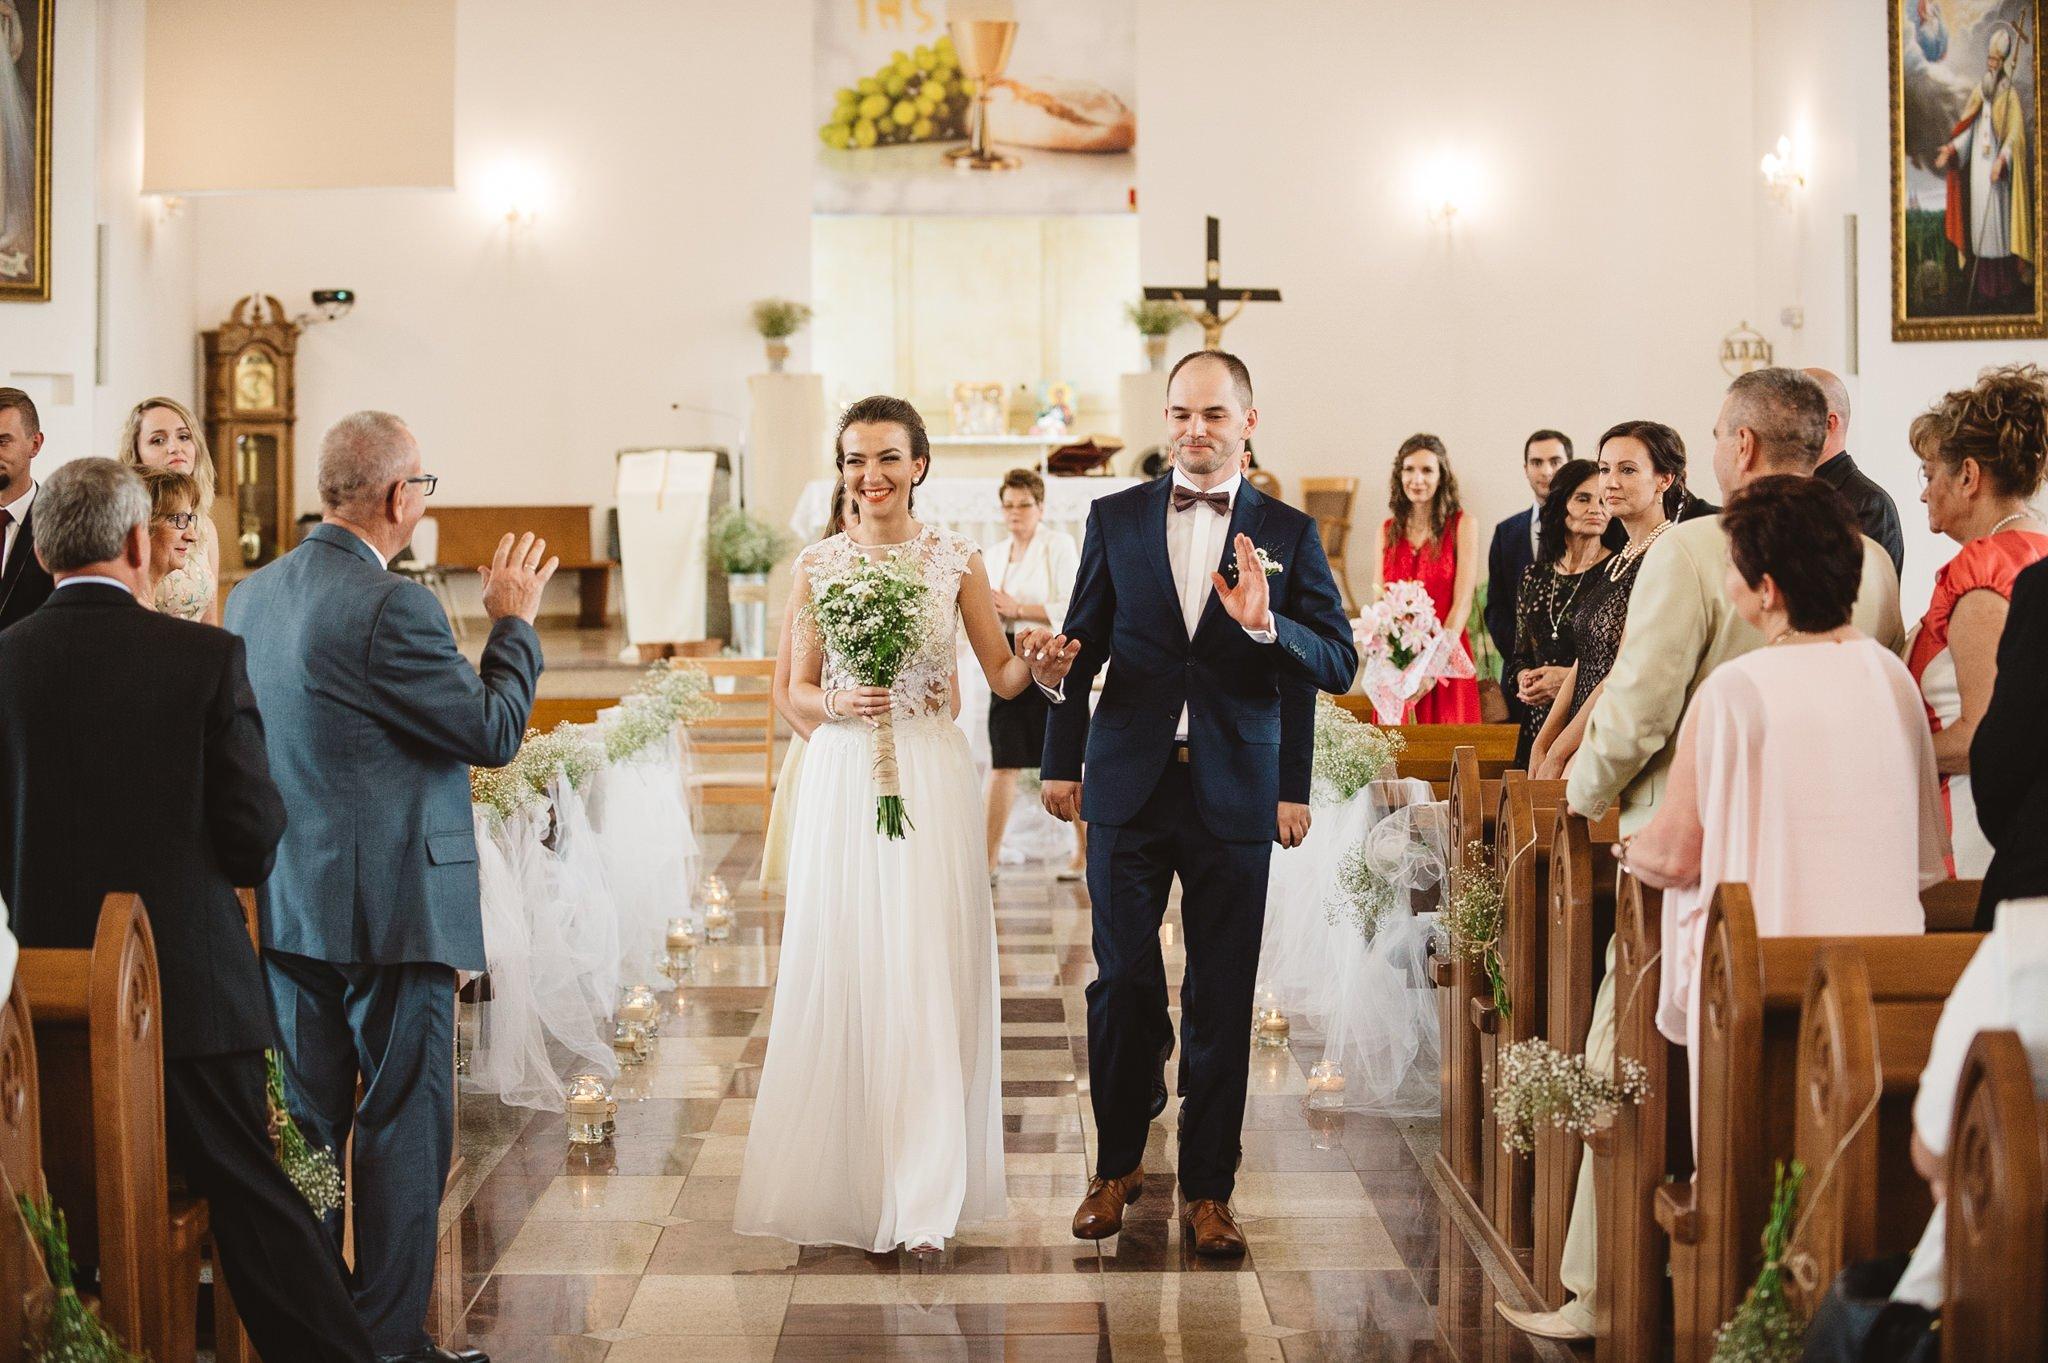 Ala i Arek, czyli jak zorganizować ślub i wesele w 4 tygodnie! 127